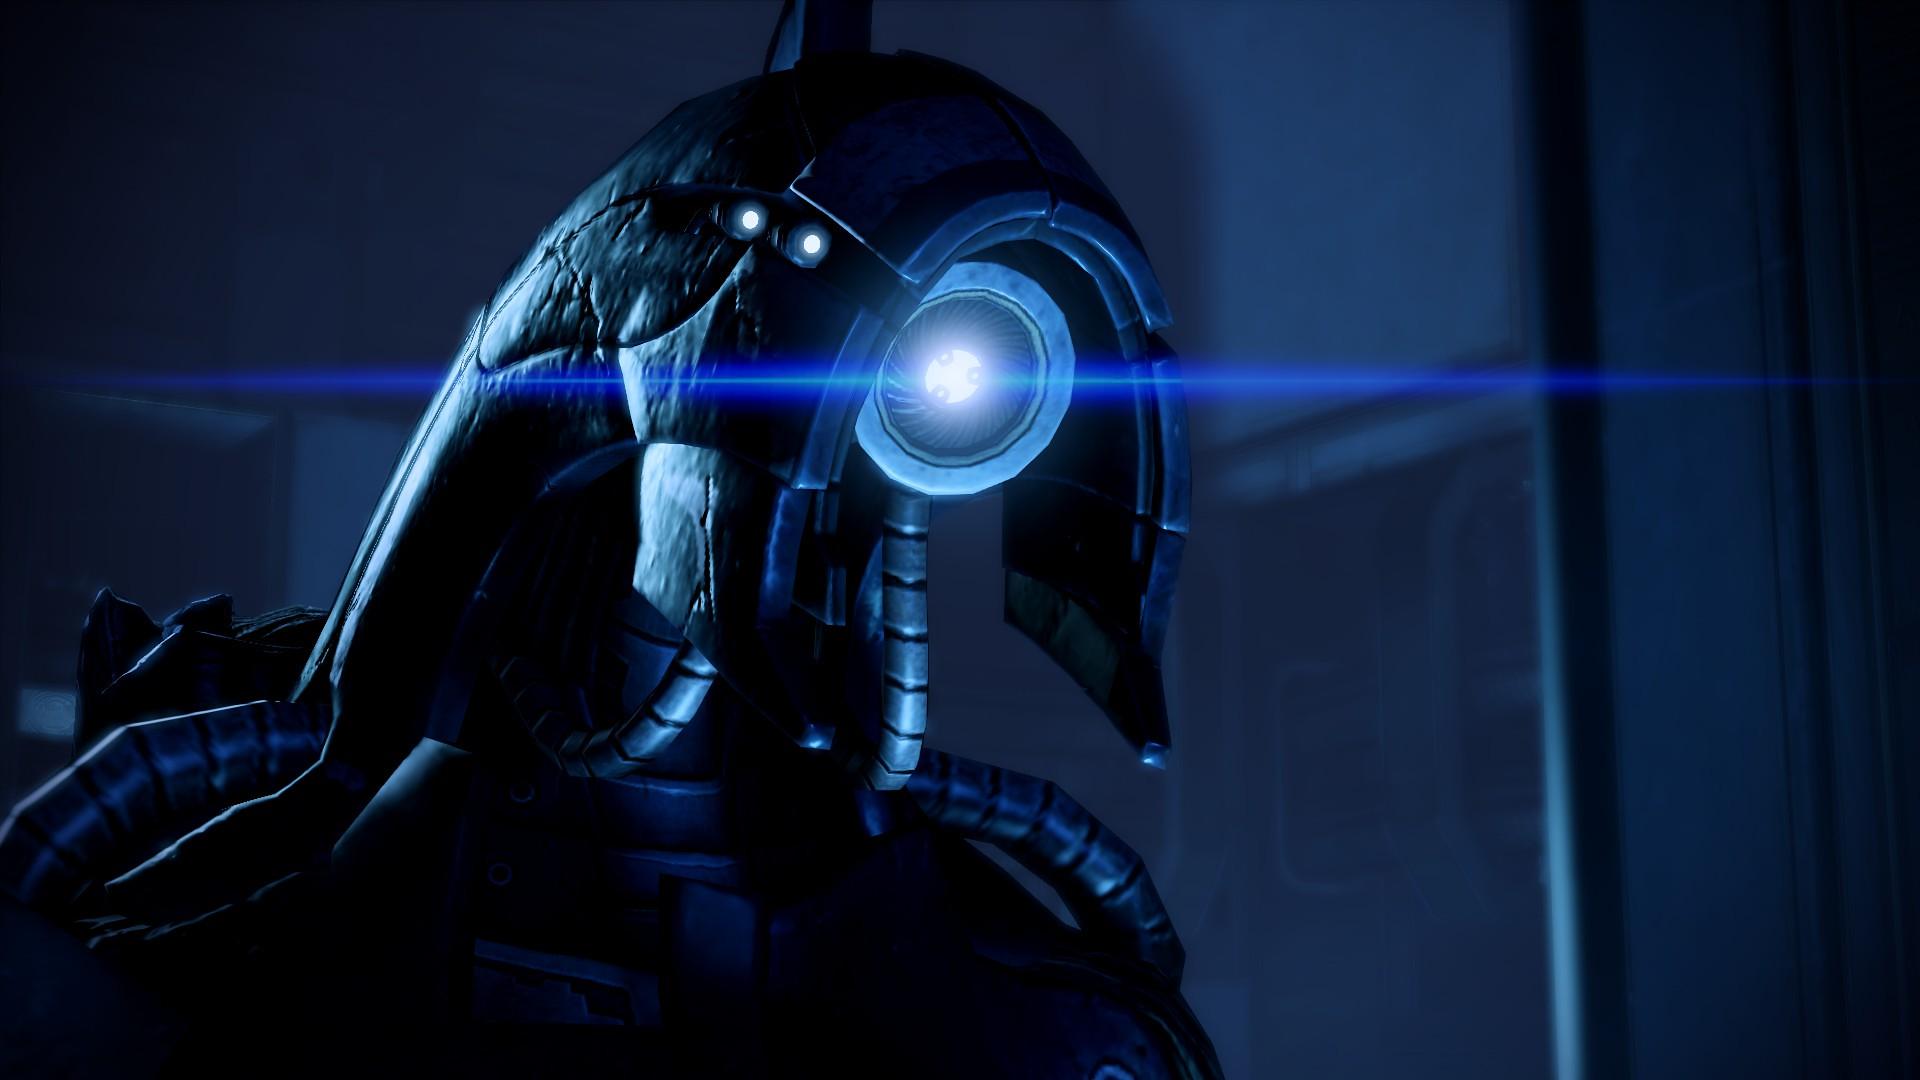 11976990595_8ee5c72f01_k.jpg - Mass Effect 2